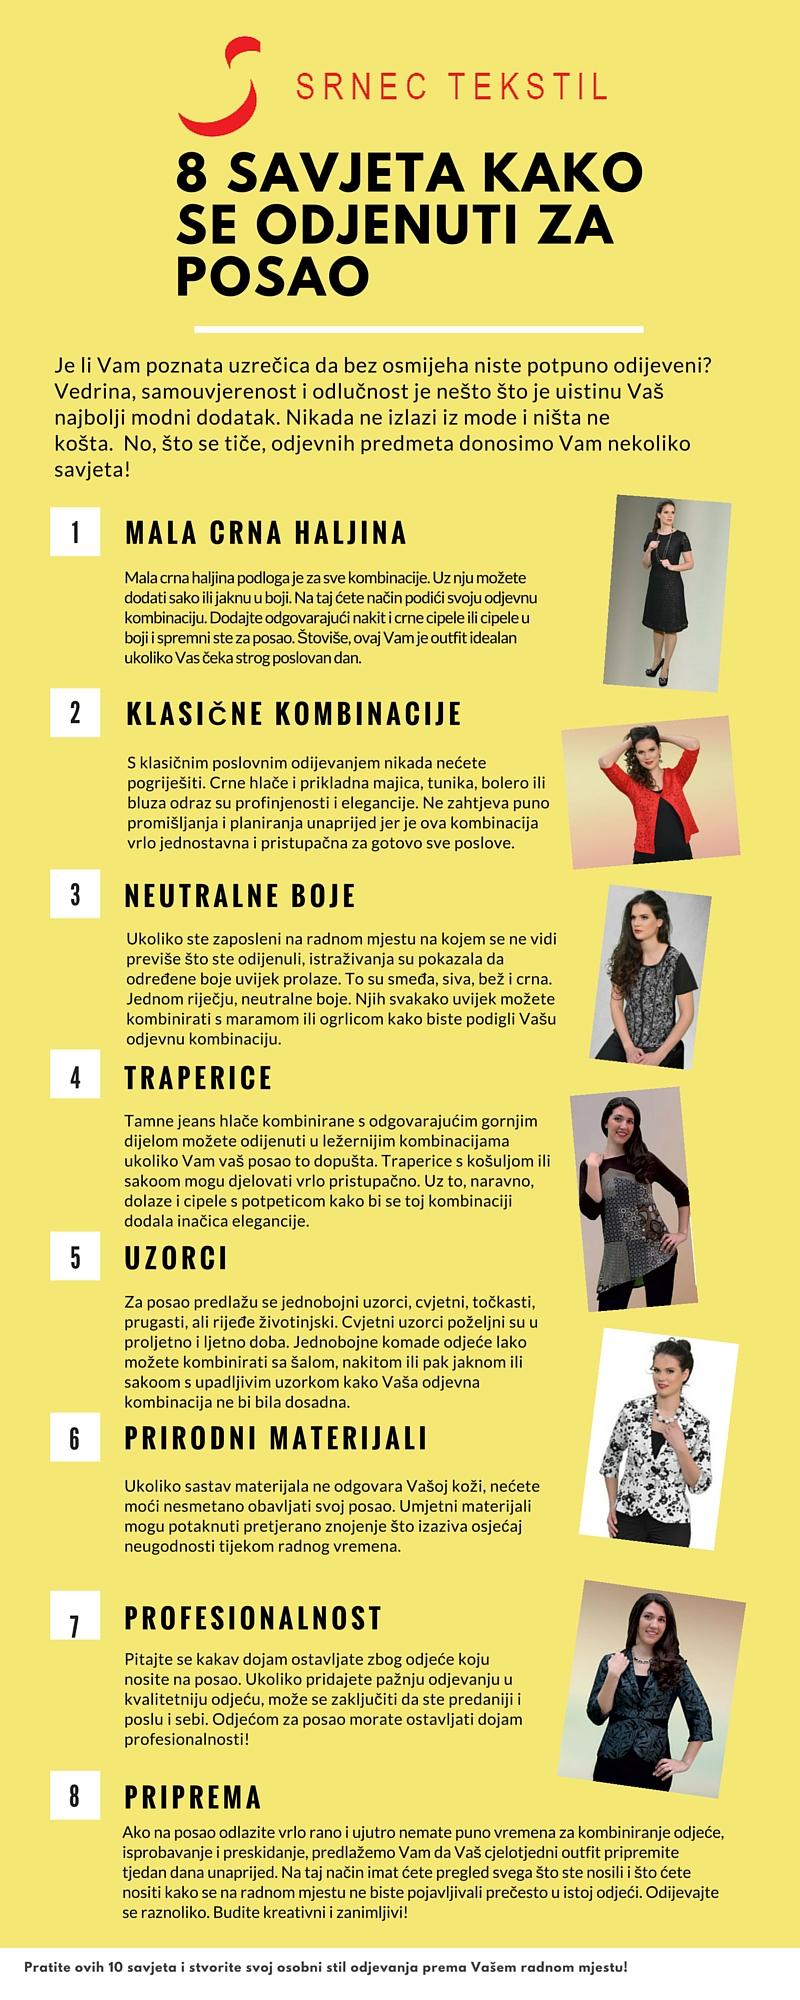 10 savjeta kako se odijenuti za posao